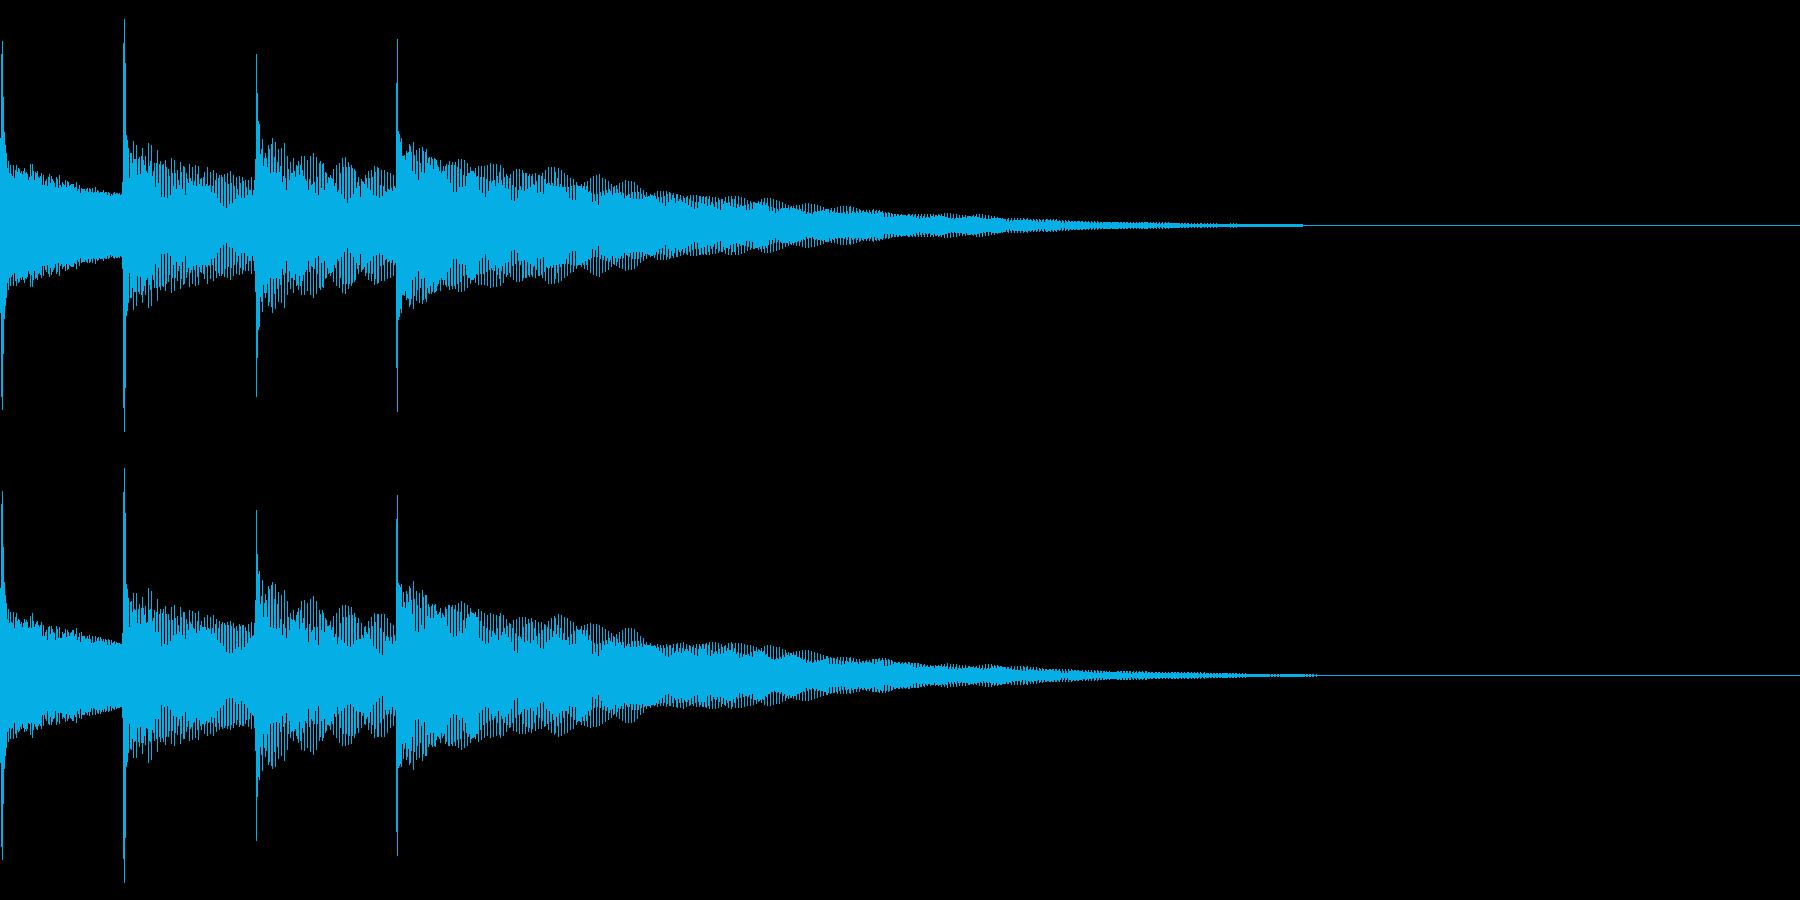 お知らせ音03(ピンポンパンポン)上昇Aの再生済みの波形